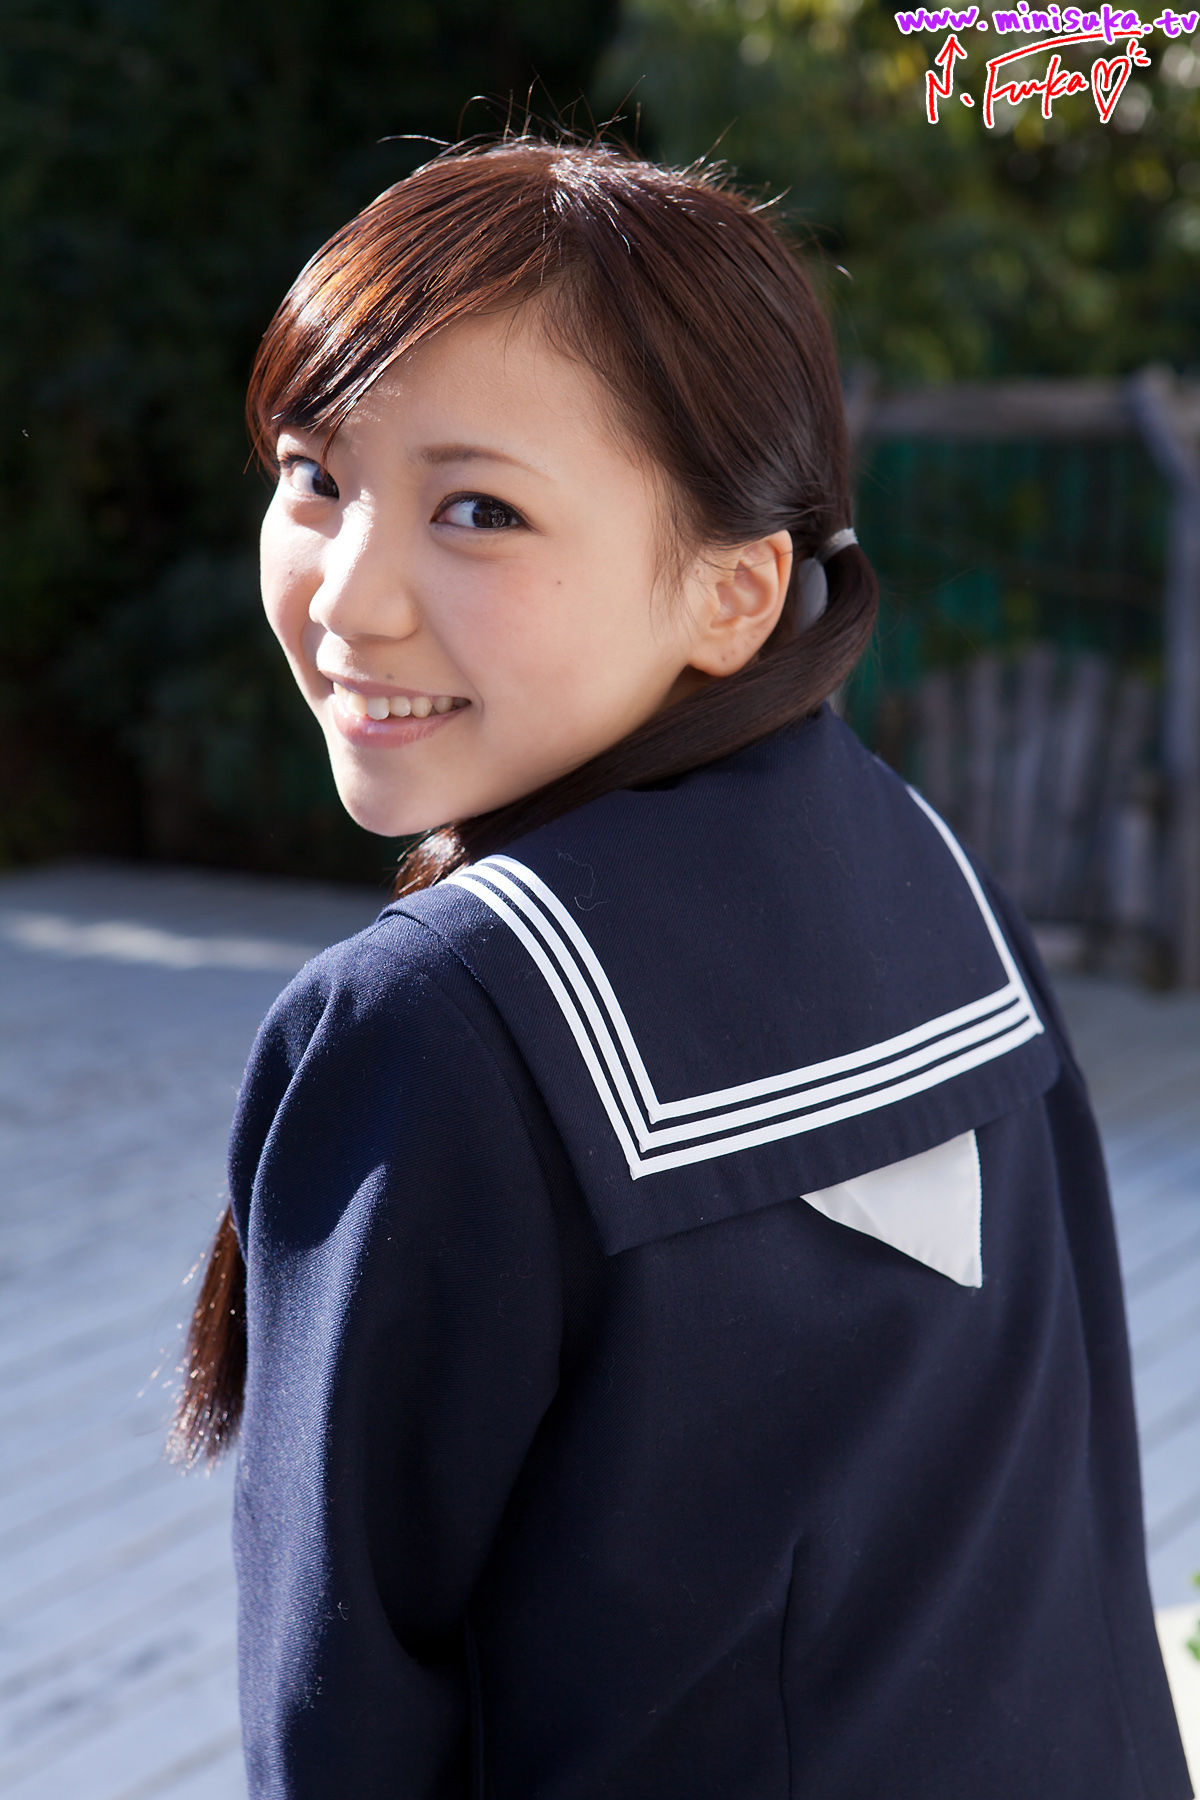 西浜ふうか Fuuka Nishihama 第一部 [Minisuka.tv] 写真集 - 微图坊